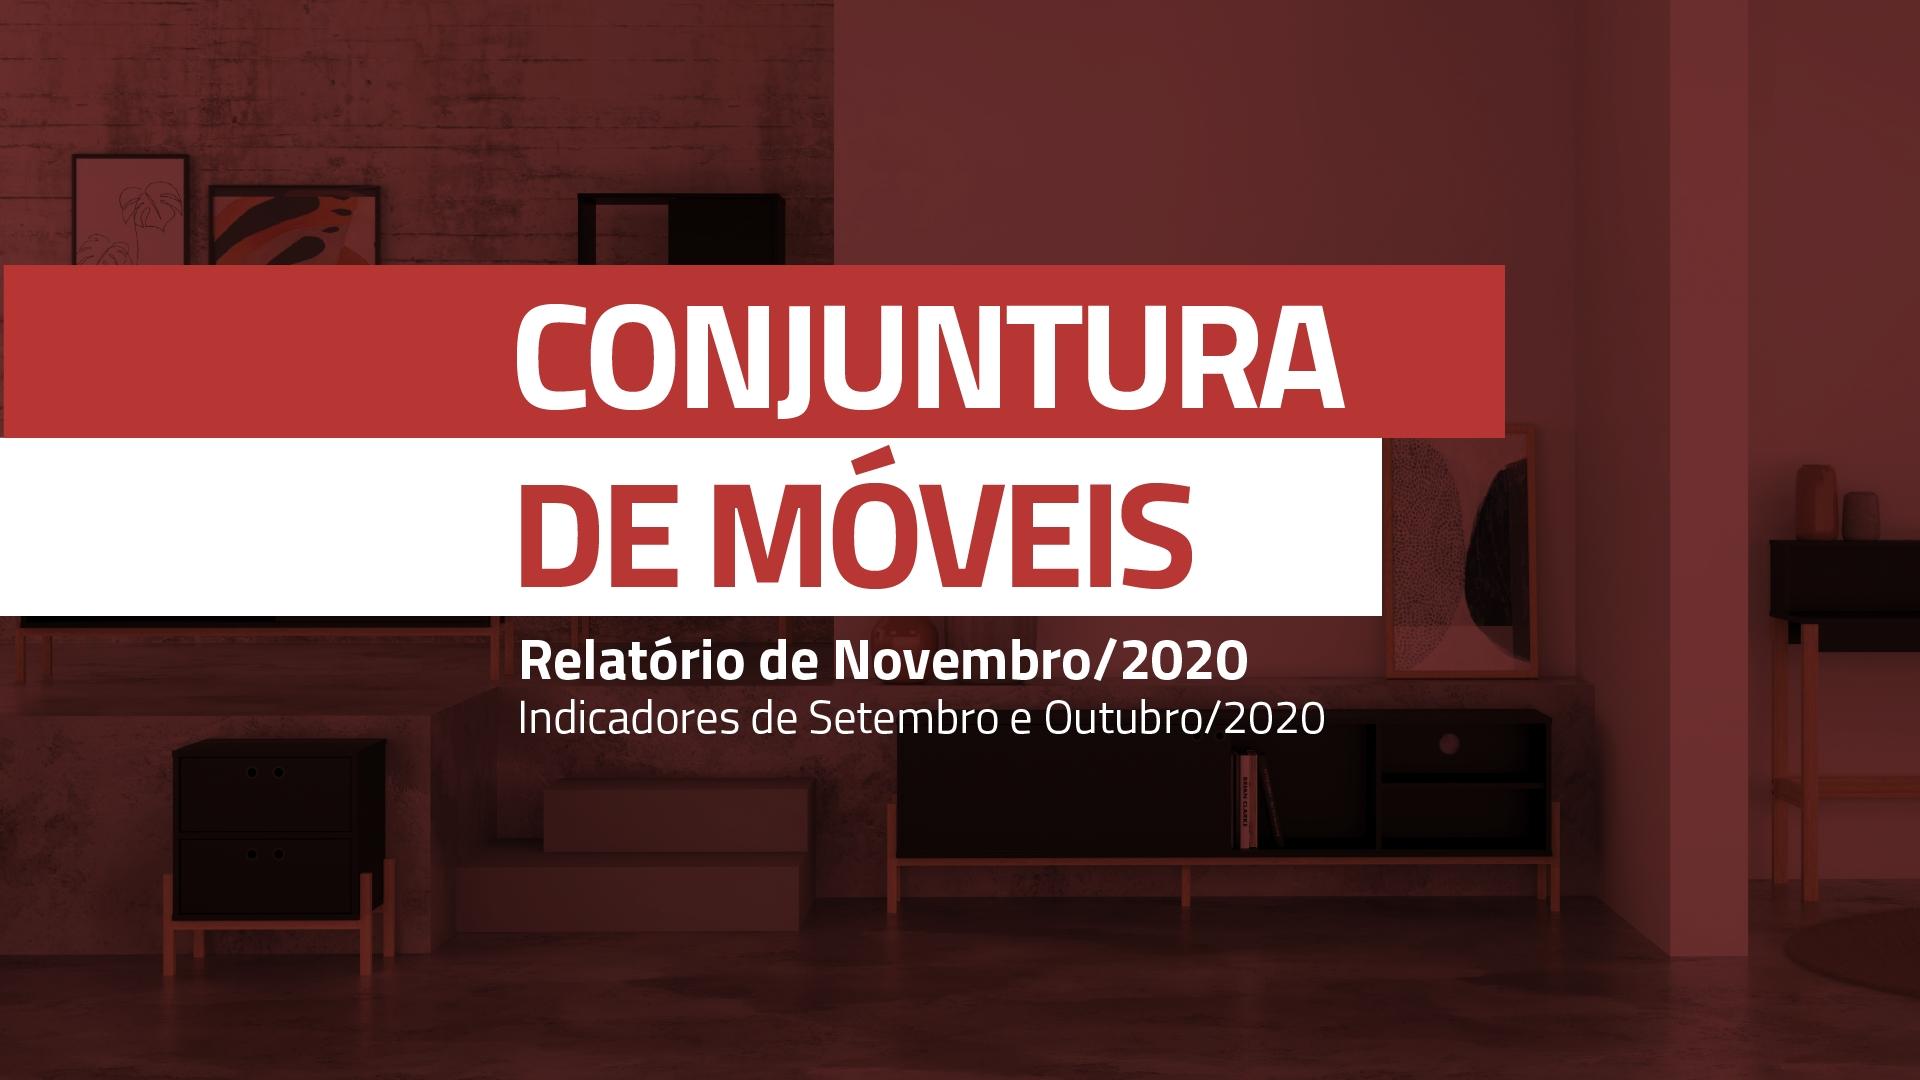 conjuntura_de_moveis_2020-11